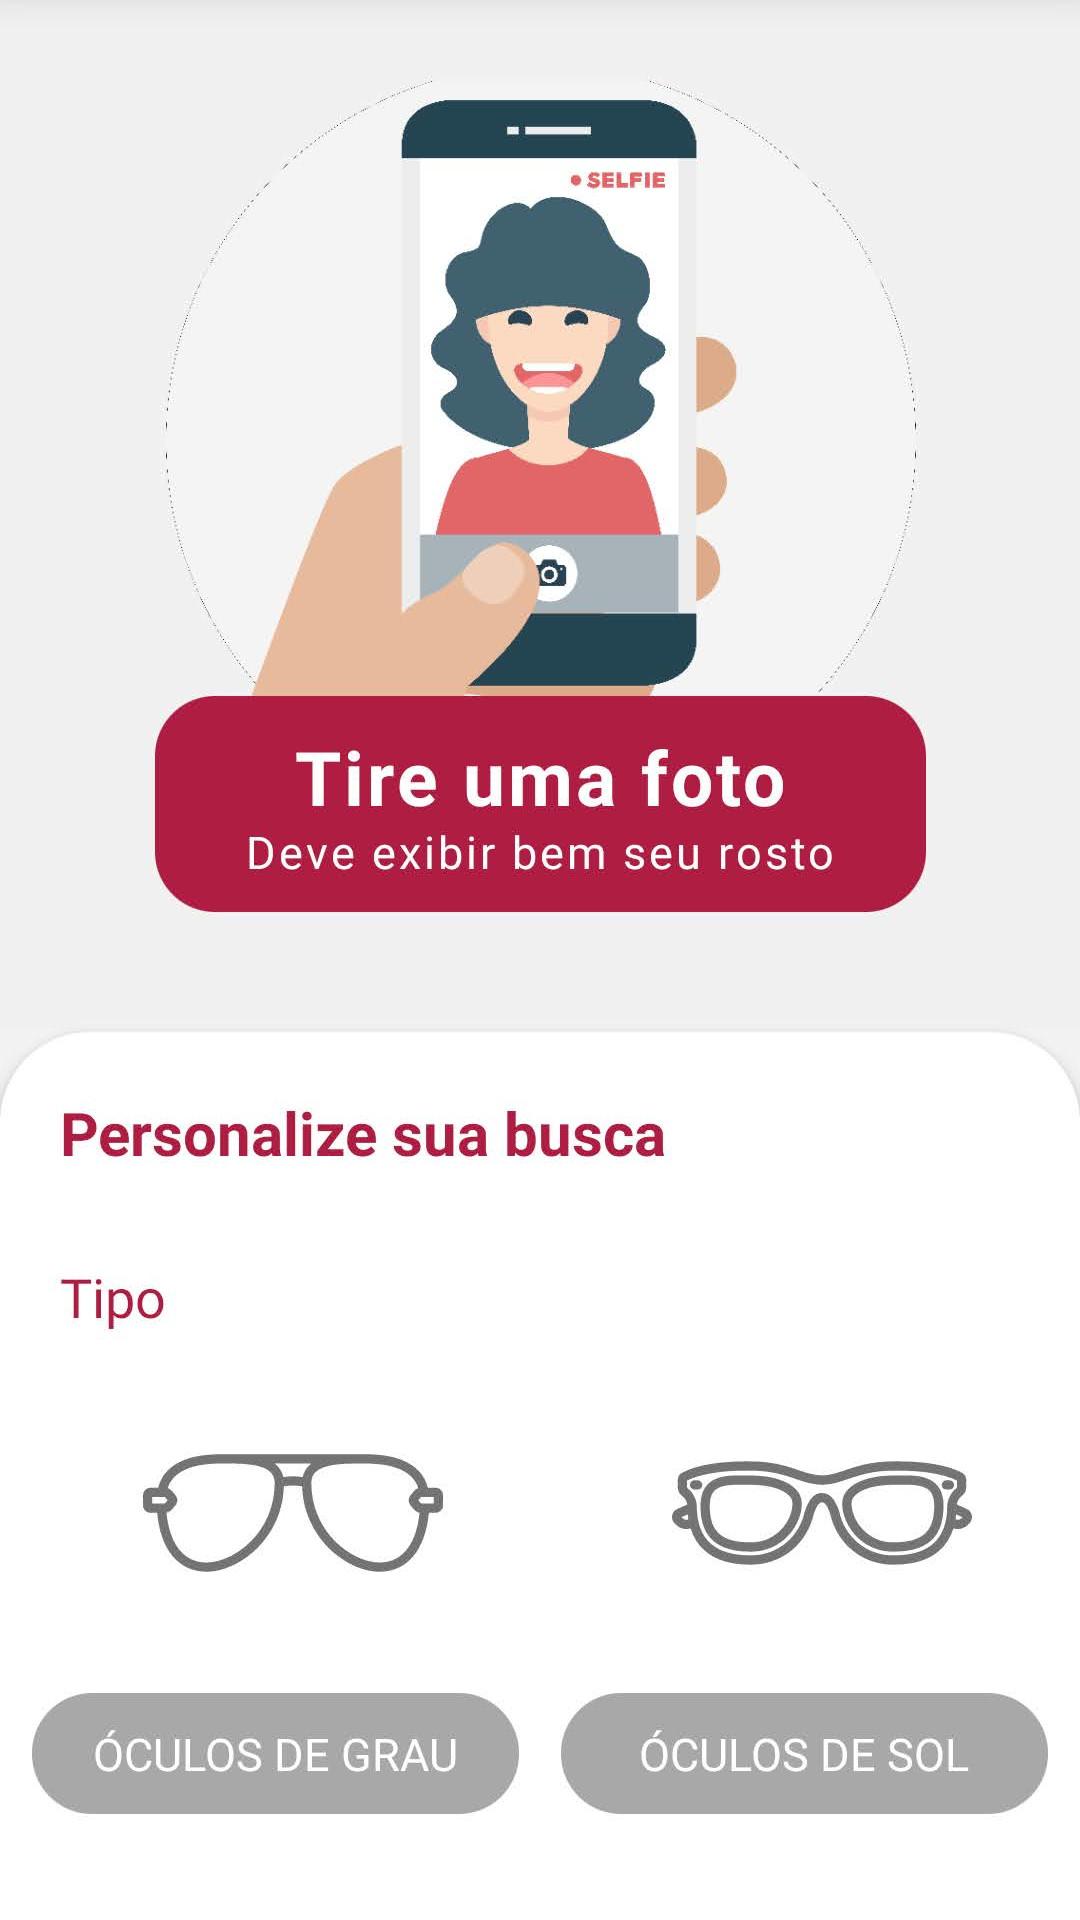 Tela do aplicativo que solicita que você tire uma foto